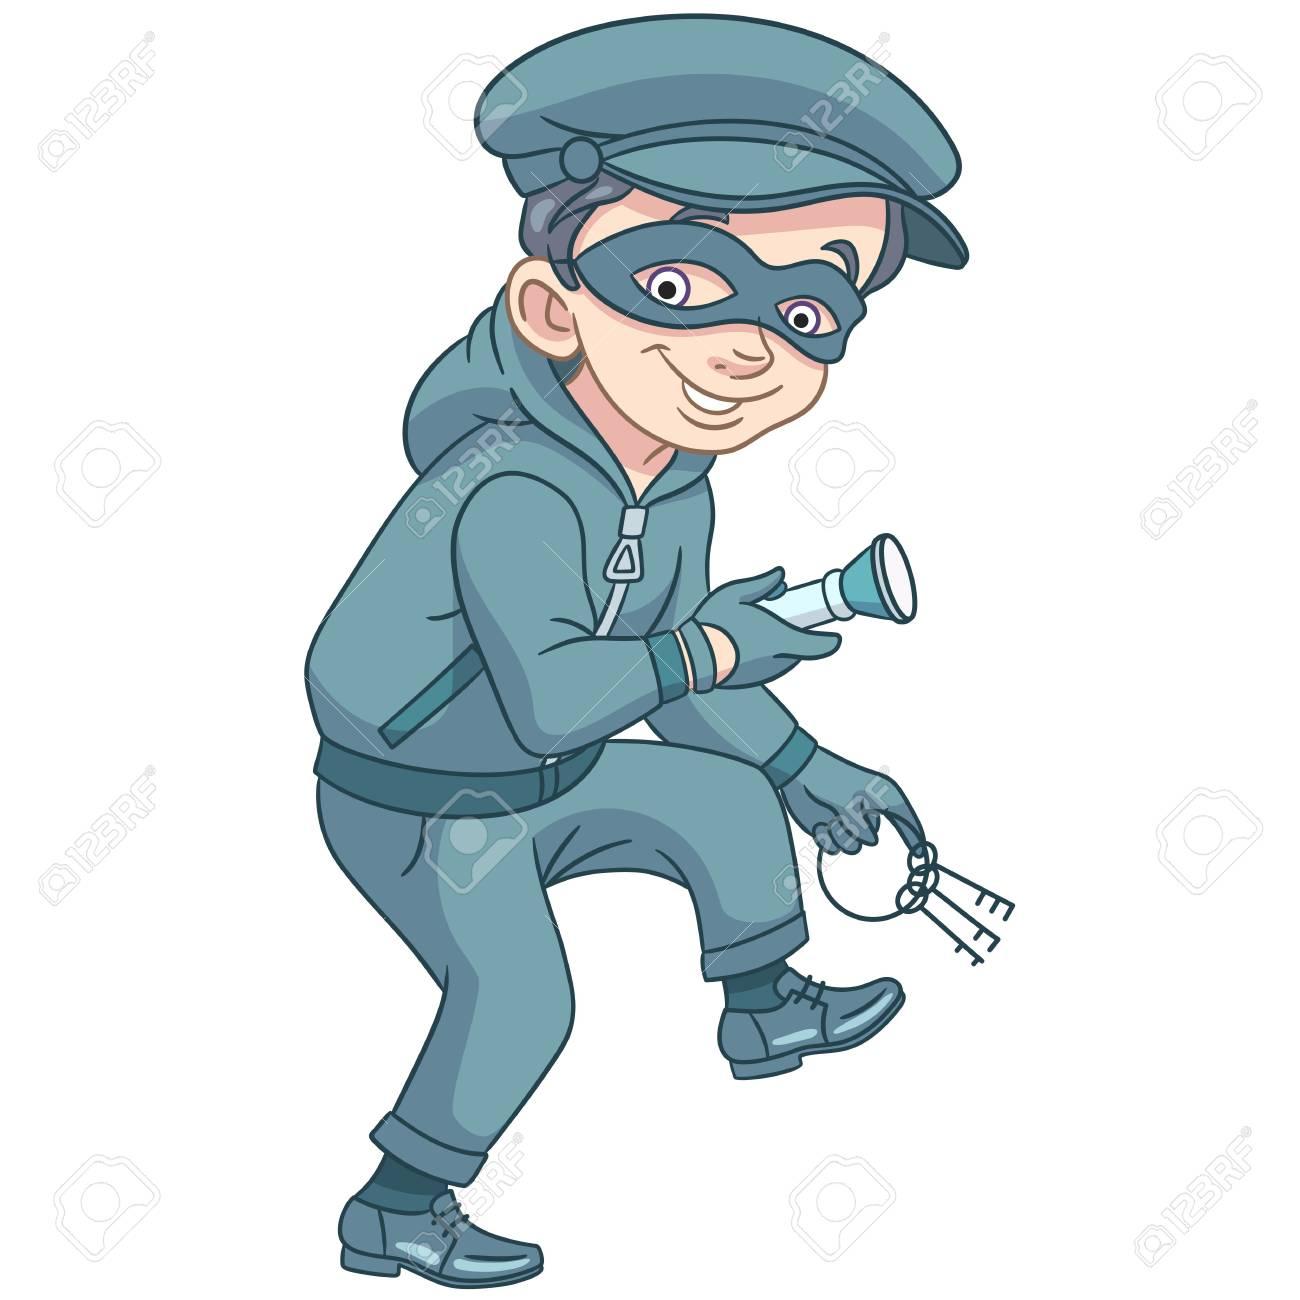 Niños En Profesiones El Criminal De Dibujos Animados Ladrón Con Las Llaves De La Casa O Del Banco Y La Linterna Se Ejecuta De Puntillas Diseño